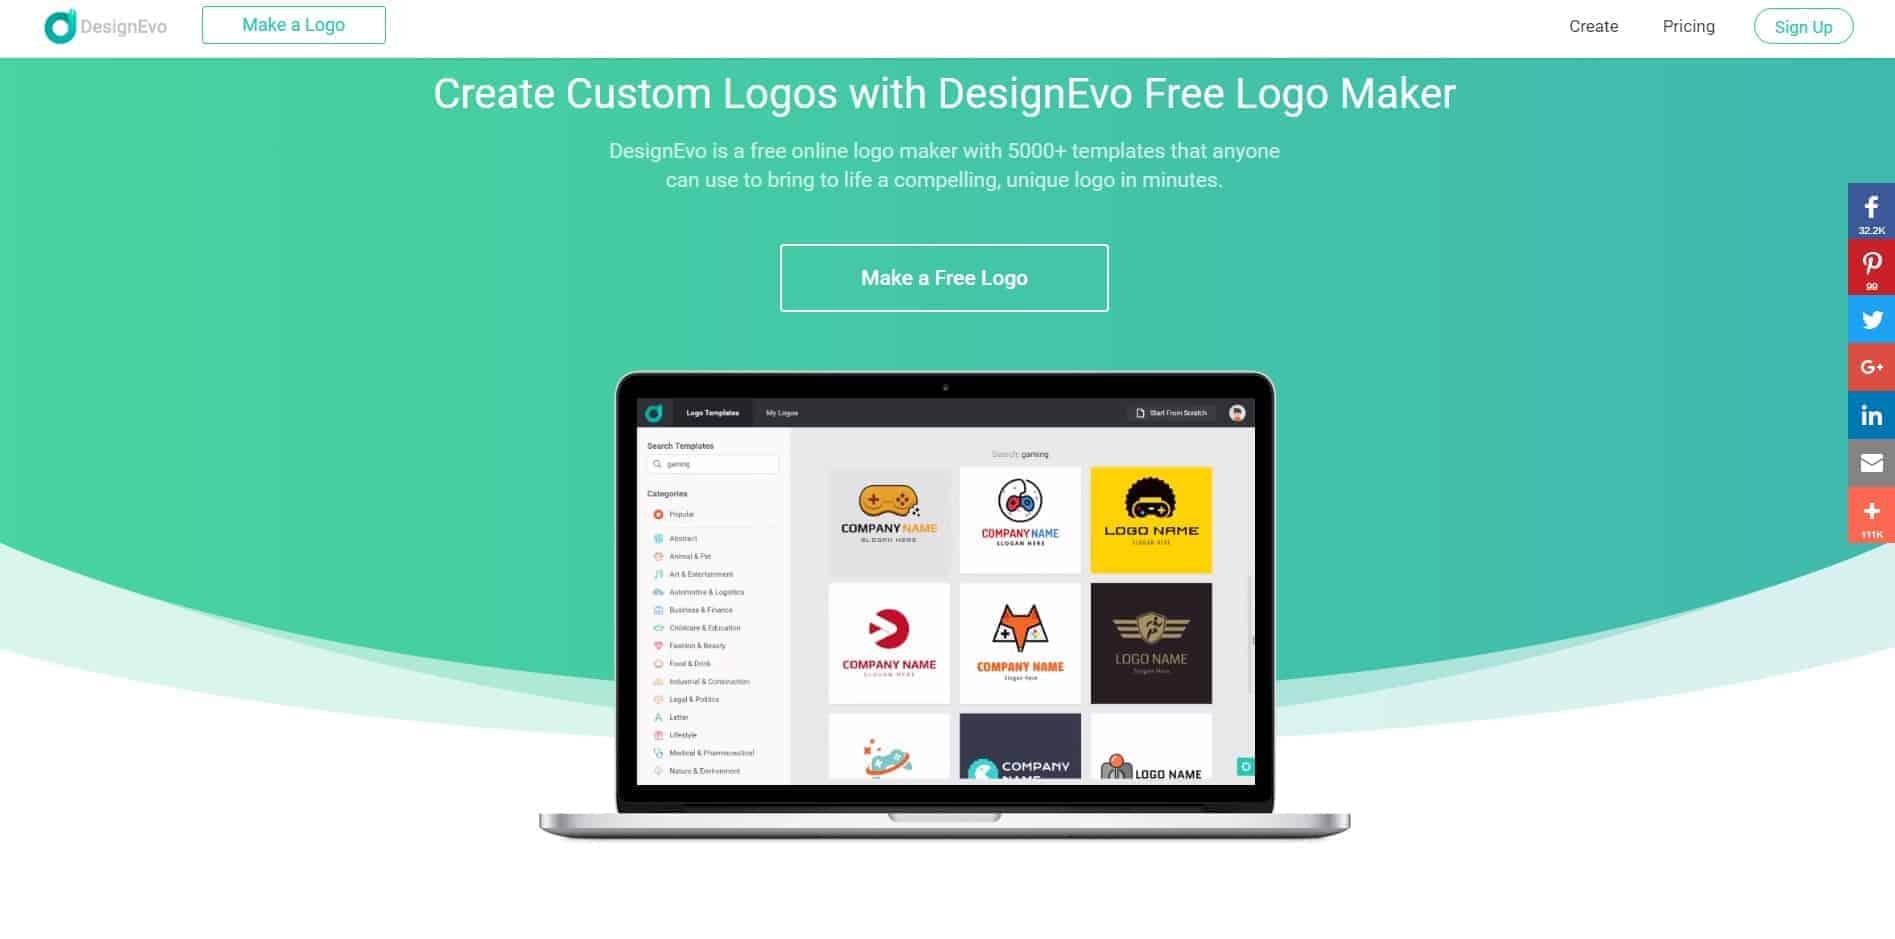 Δημιουργία λογοτύπου με το DesignEvo (Δωρεάν) | Tsouk.gr